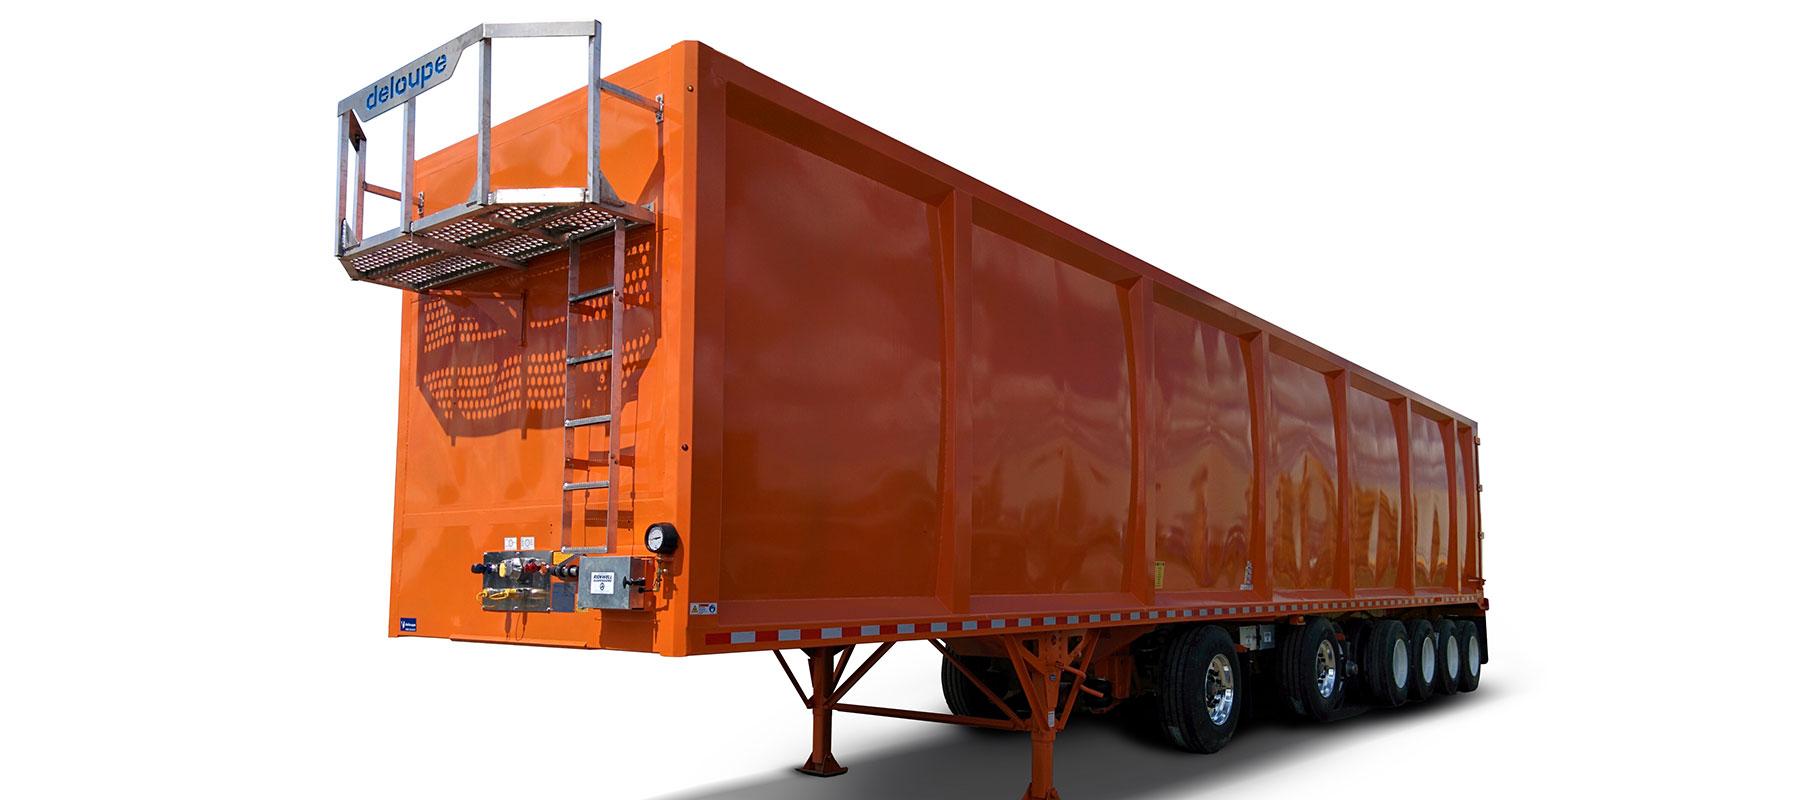 Deloupe semi-trailers